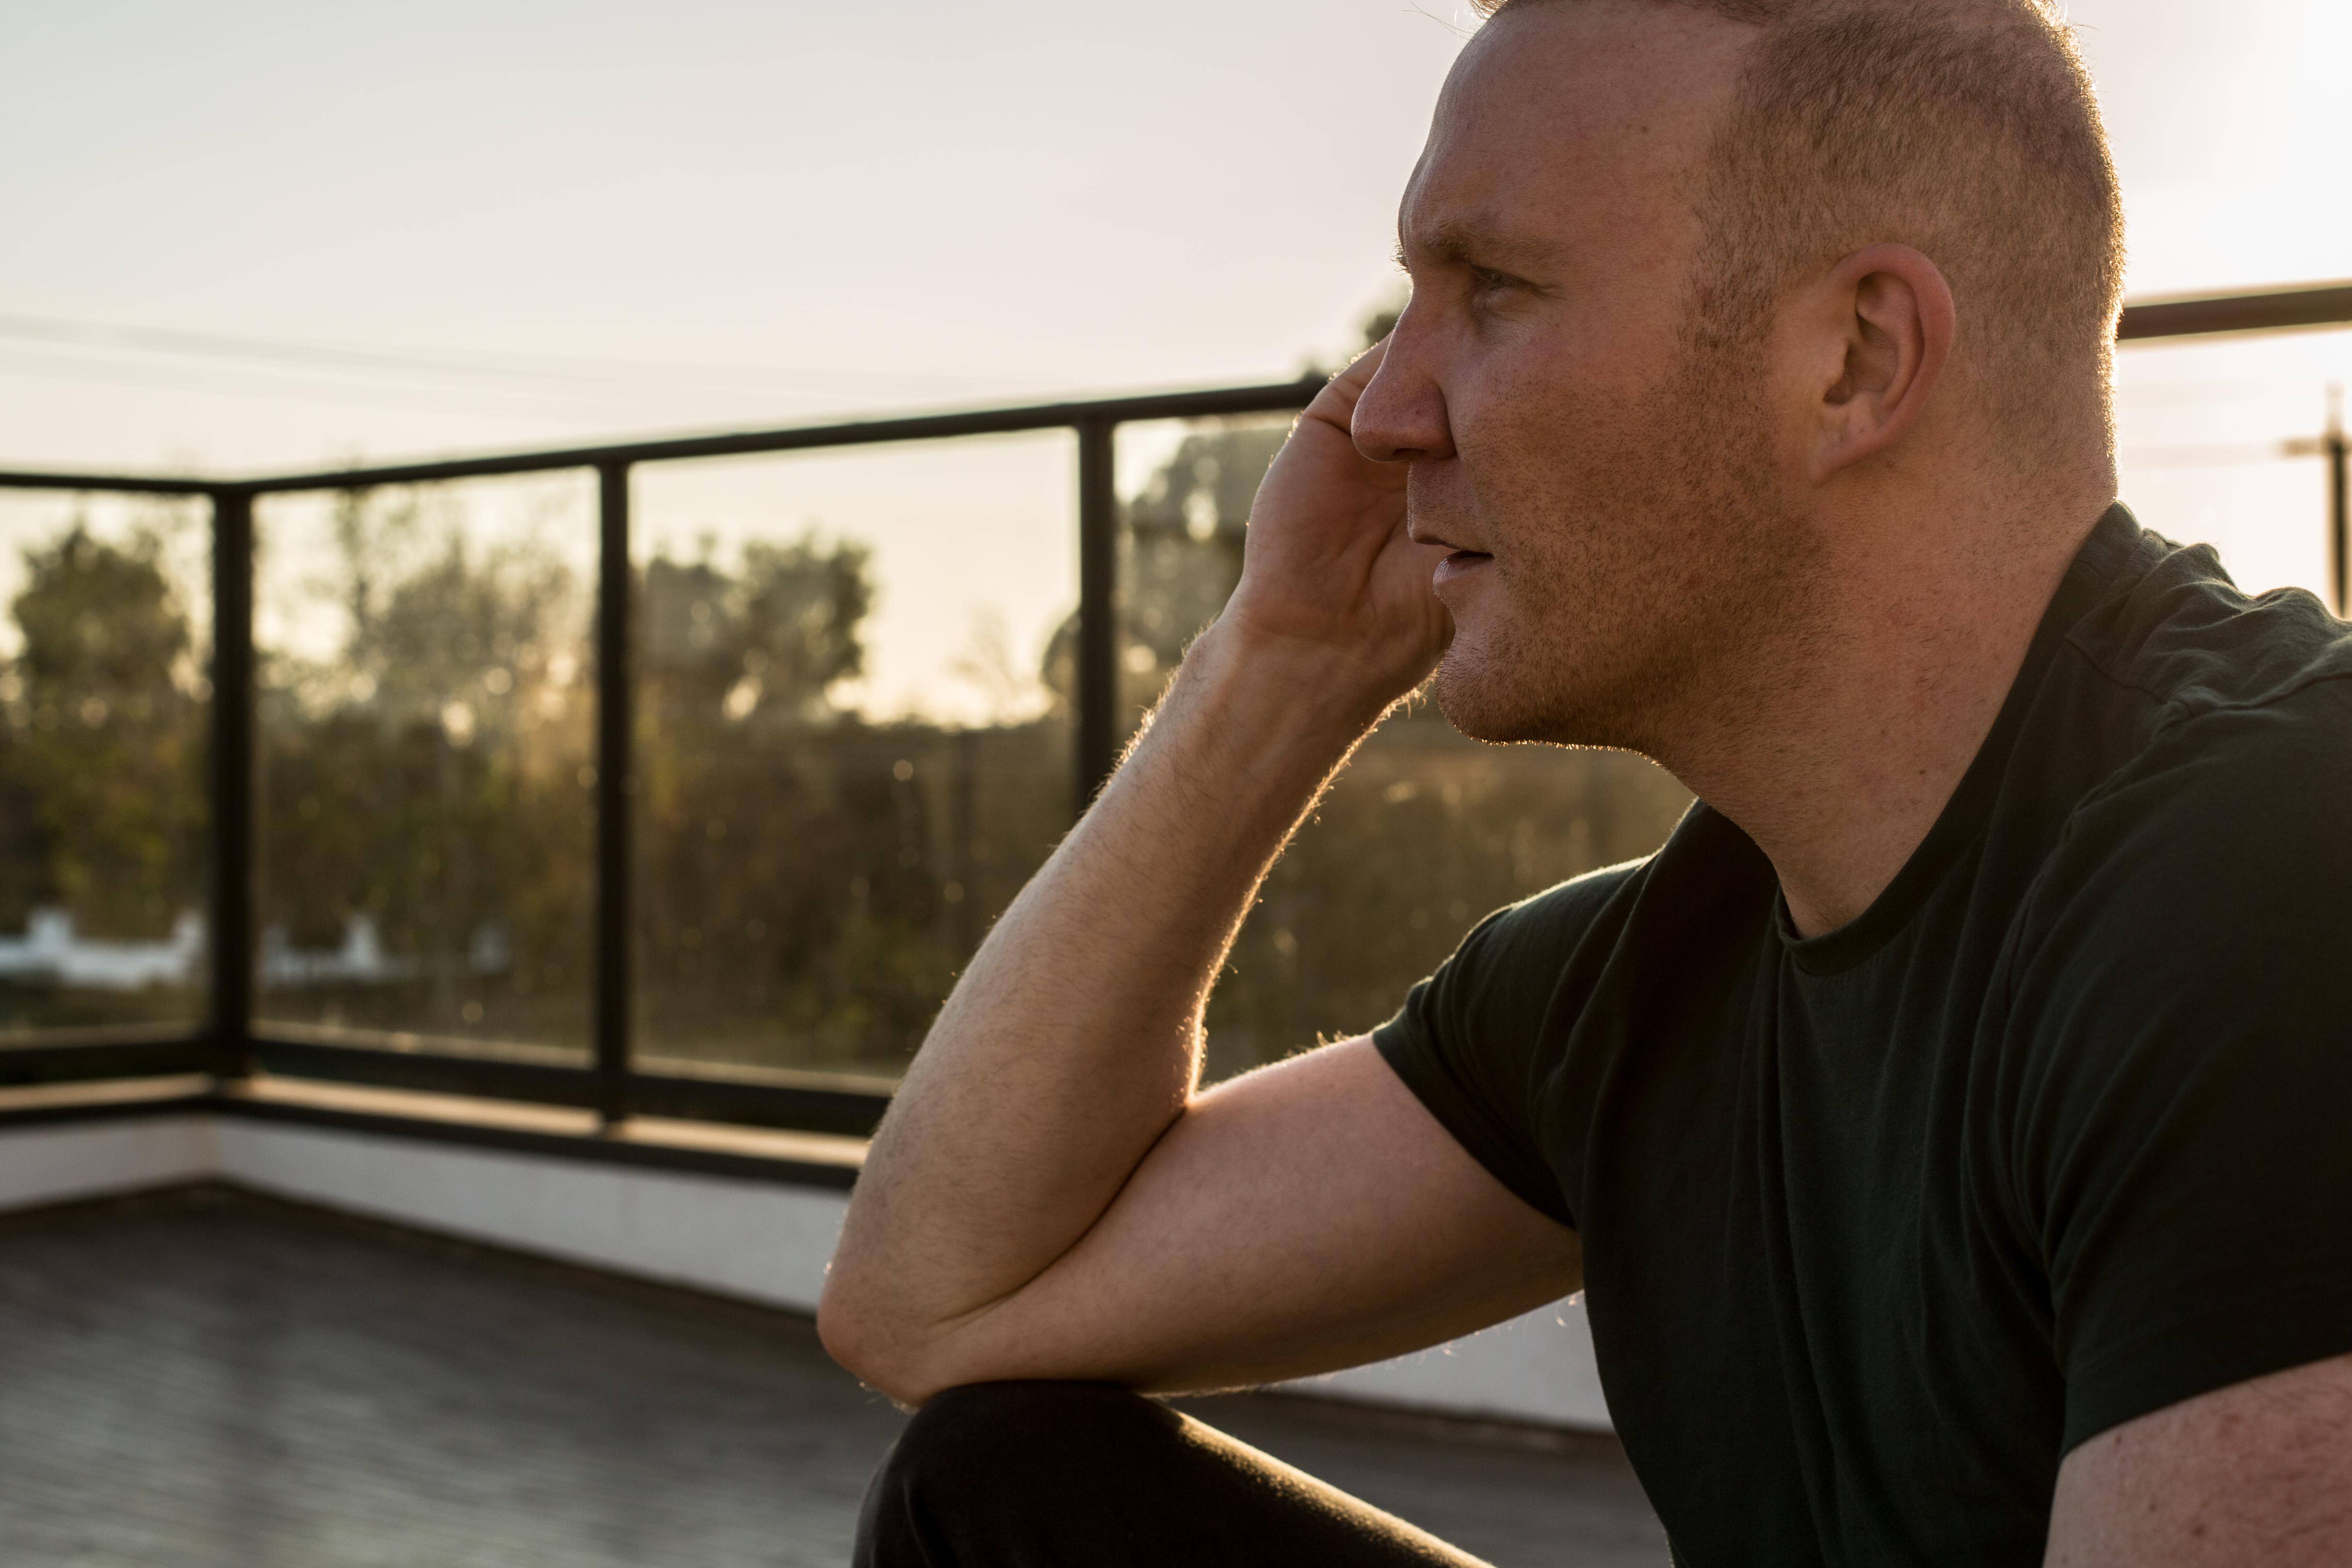 Josh McBride TV Host